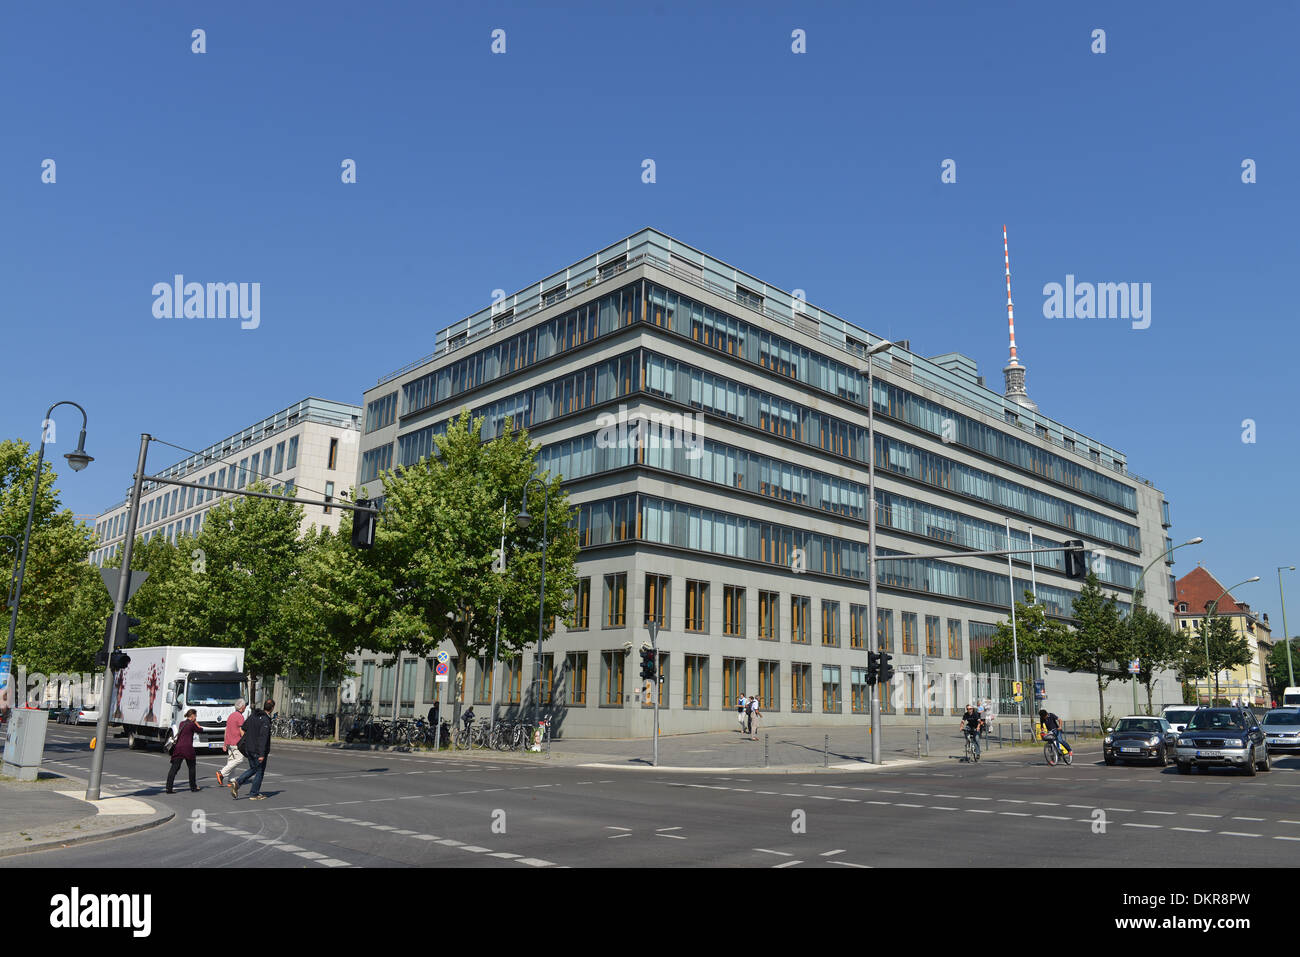 Haus der Deutschen Wirtschaft, Breite Strasse, Mitte, Berlin, Deutschland Stock Photo